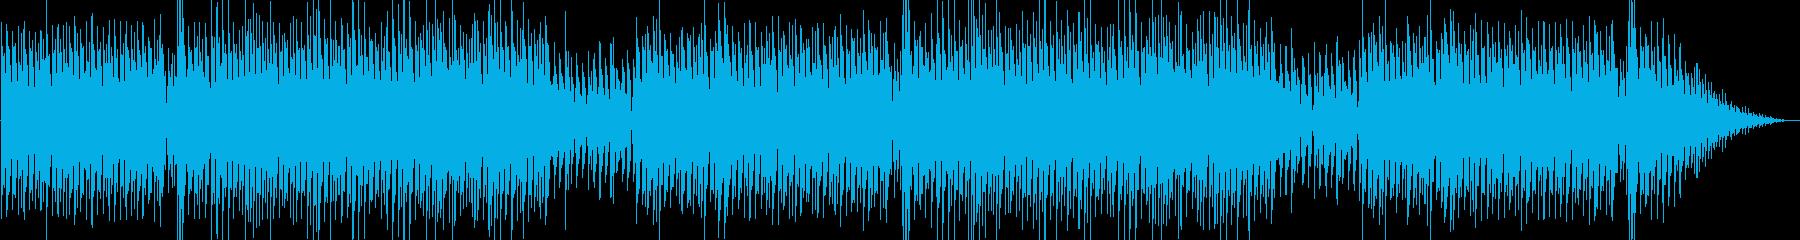 爽やかなピアノシンセポップテクノ系の再生済みの波形